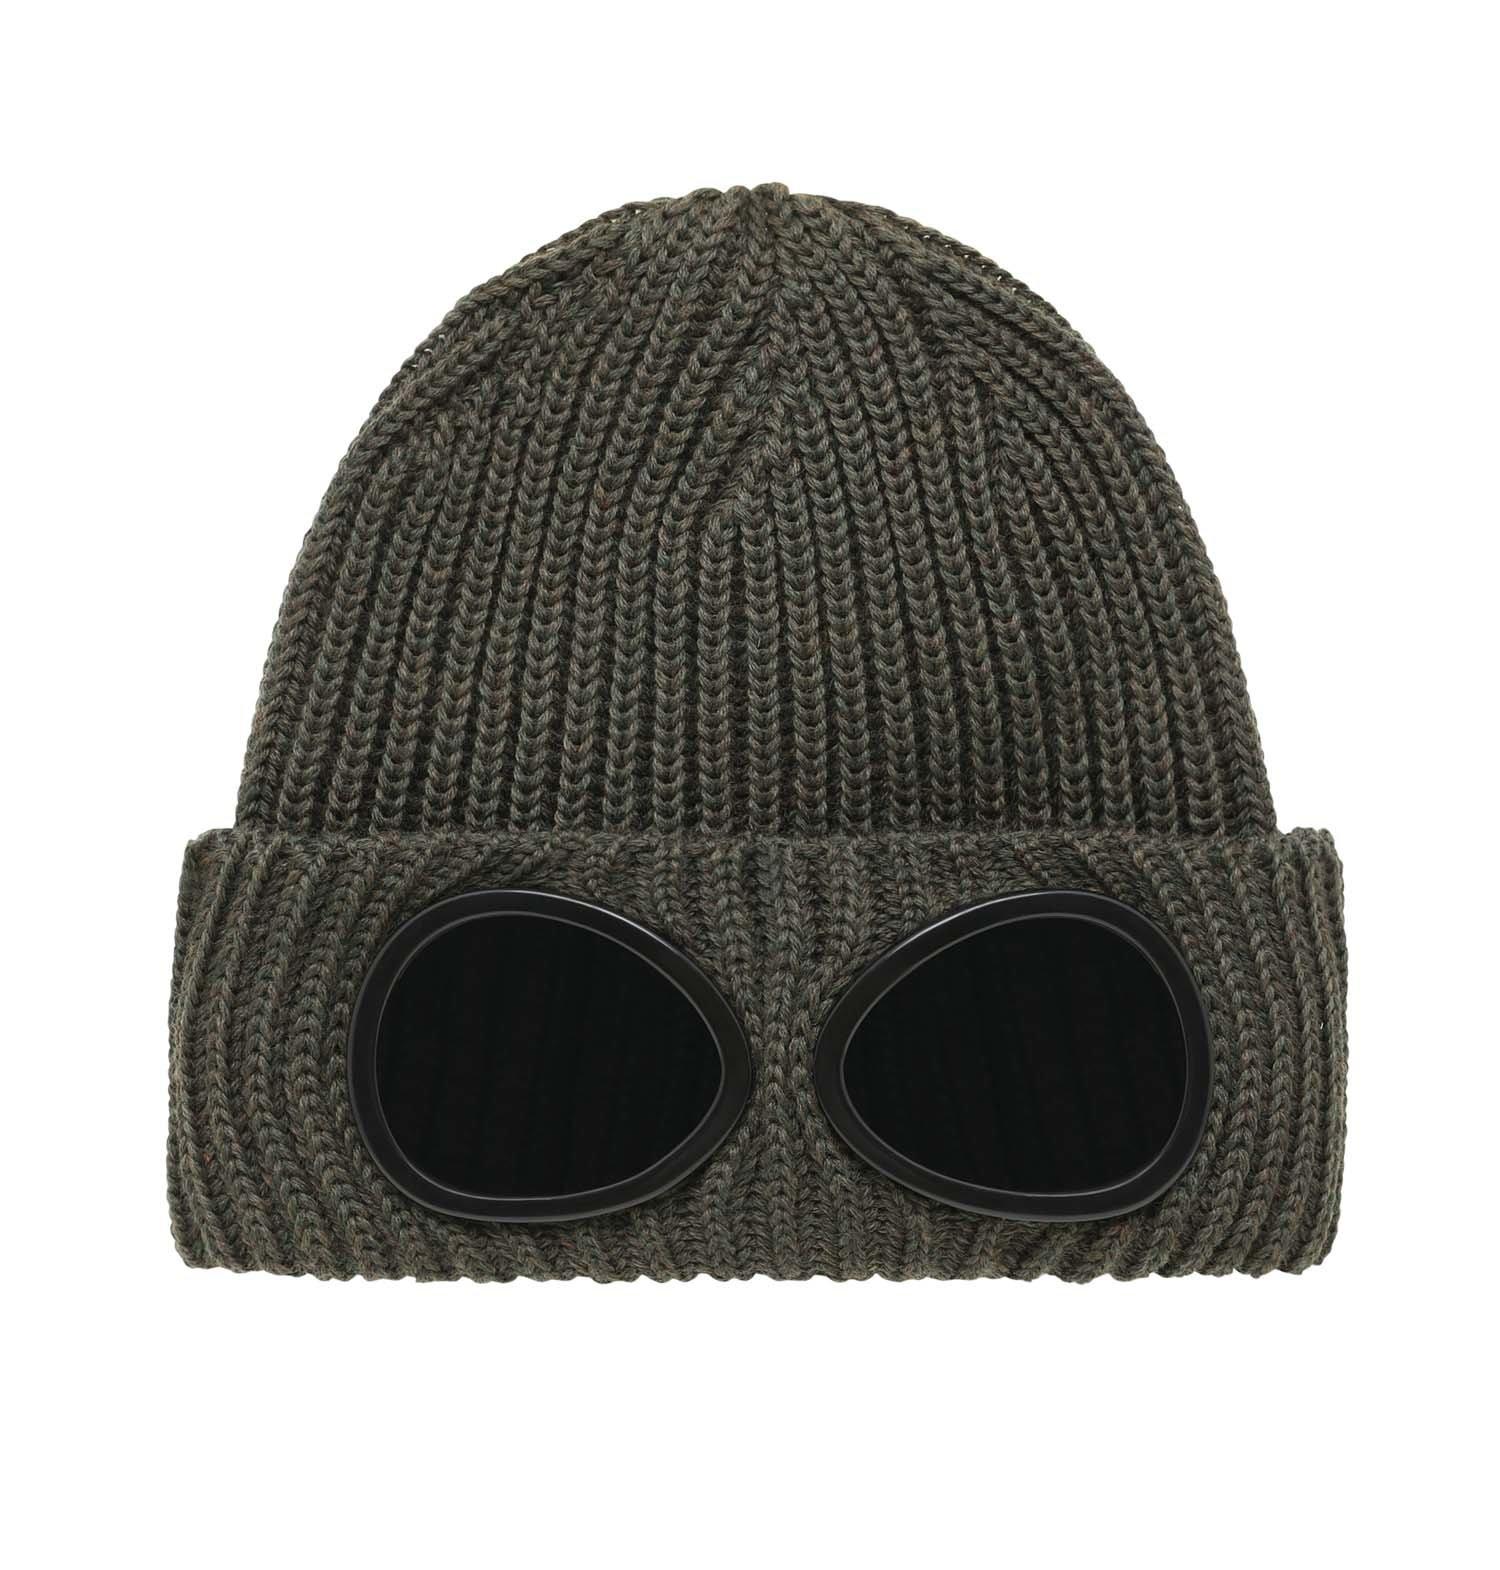 4c4dc741b29 Merino Wool Goggle Beanie Hat